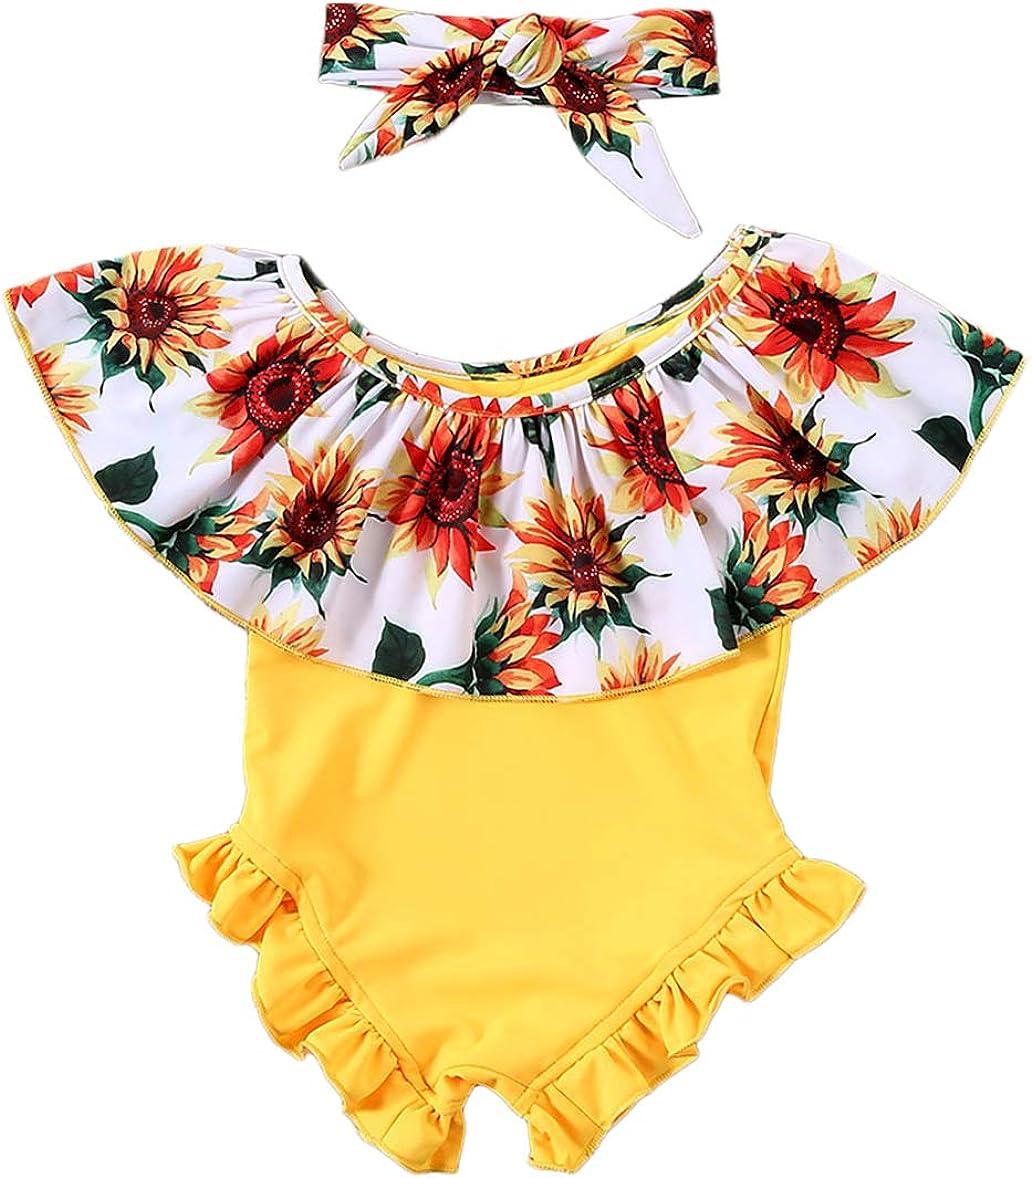 Styles I Love Baby Girls Sunflower Yellow Ruffle One-Piece Swims